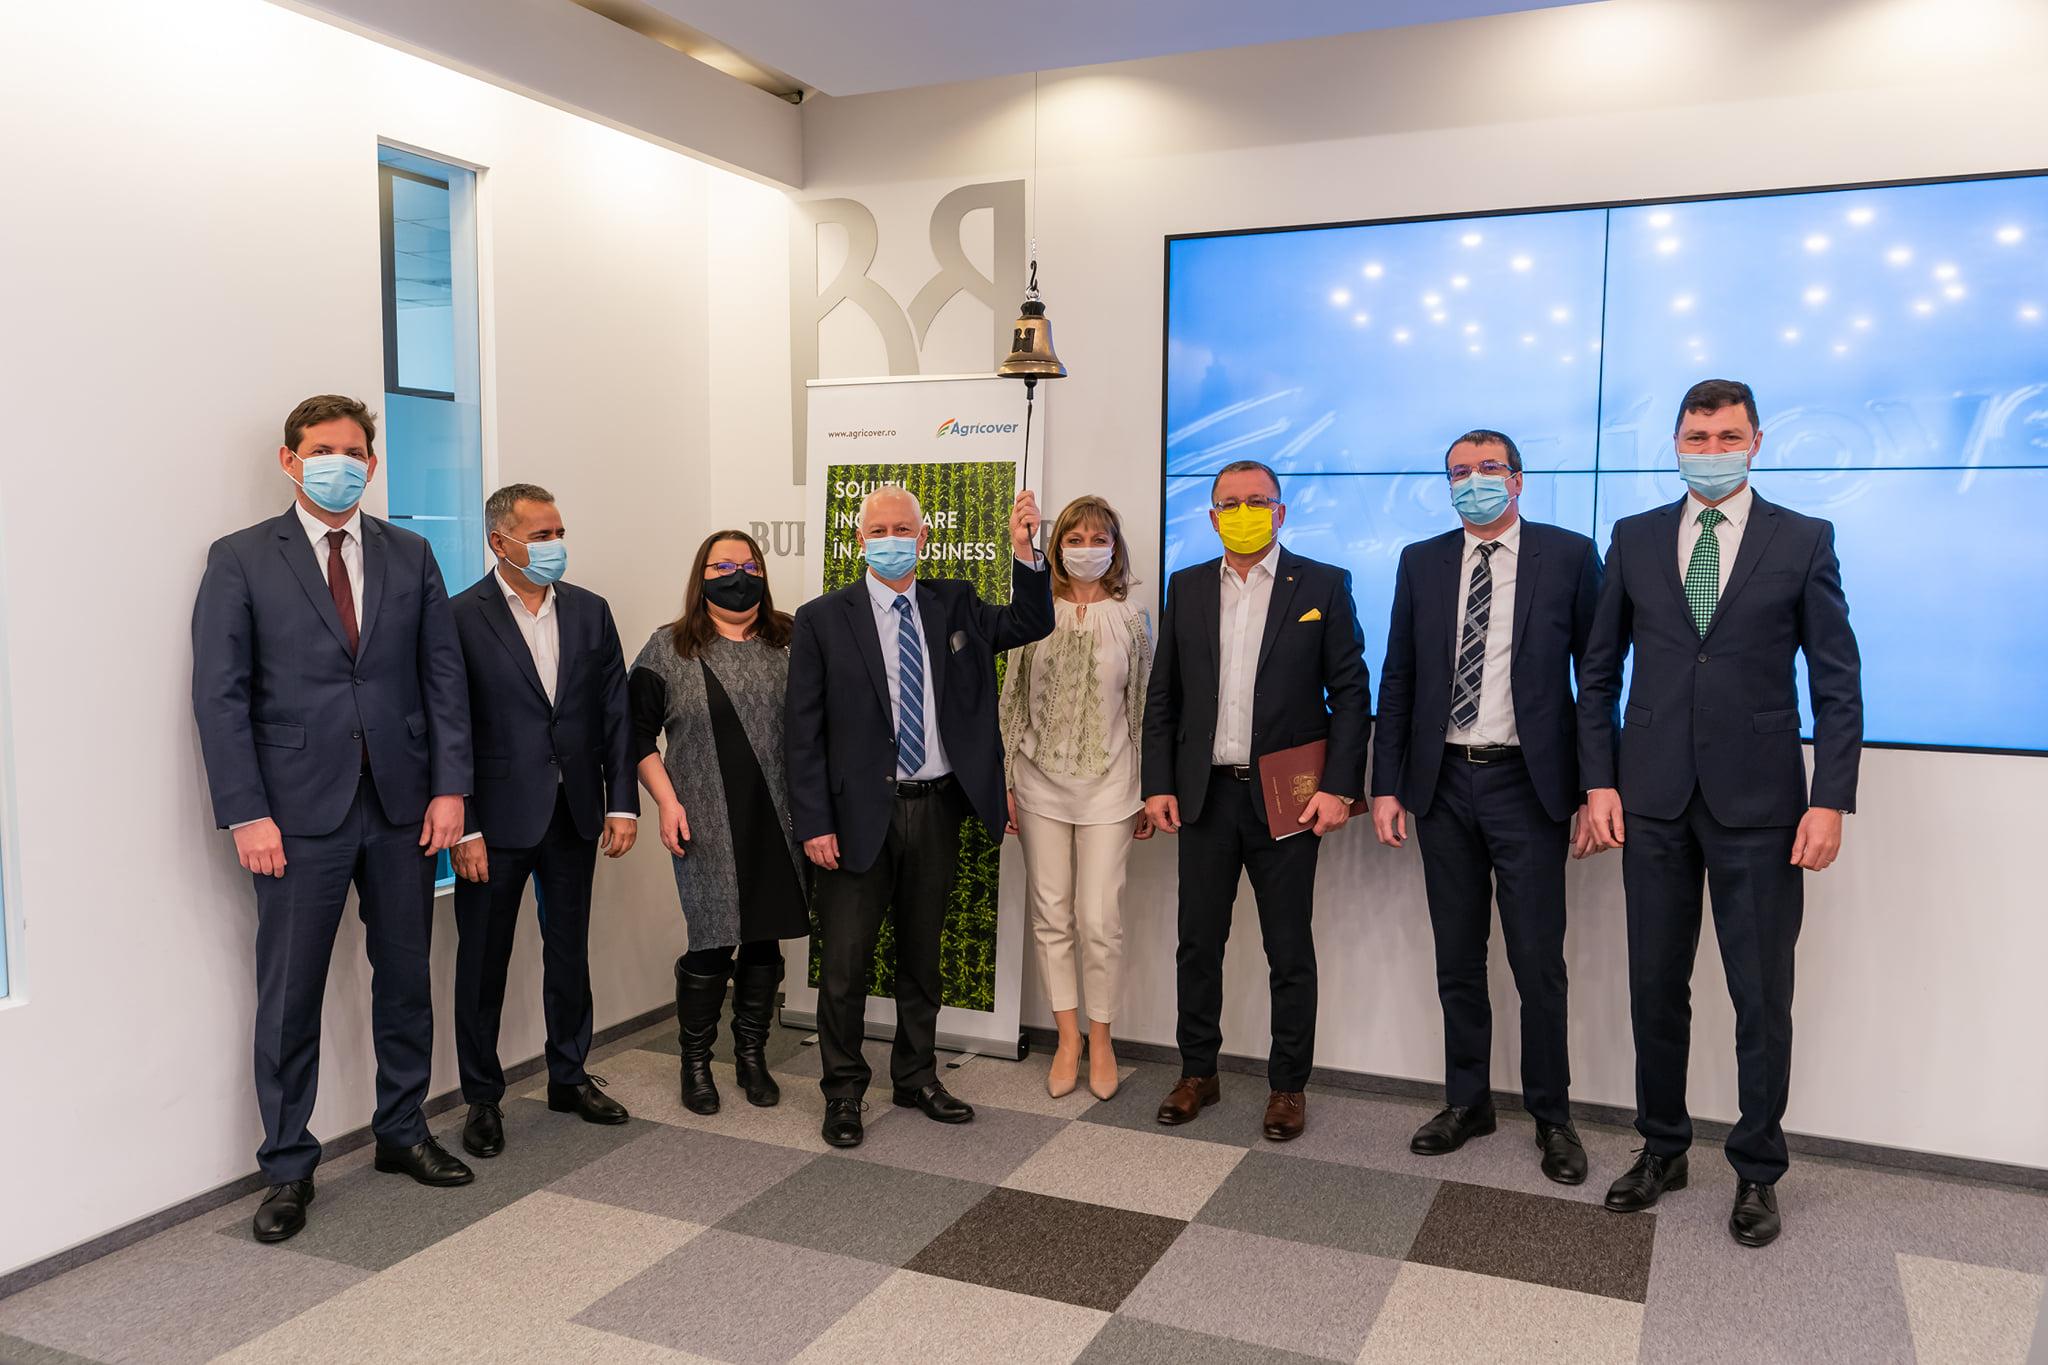 Obligaţiunile Agricover Holding au fost listate la Bursa de Valori Bucureşti